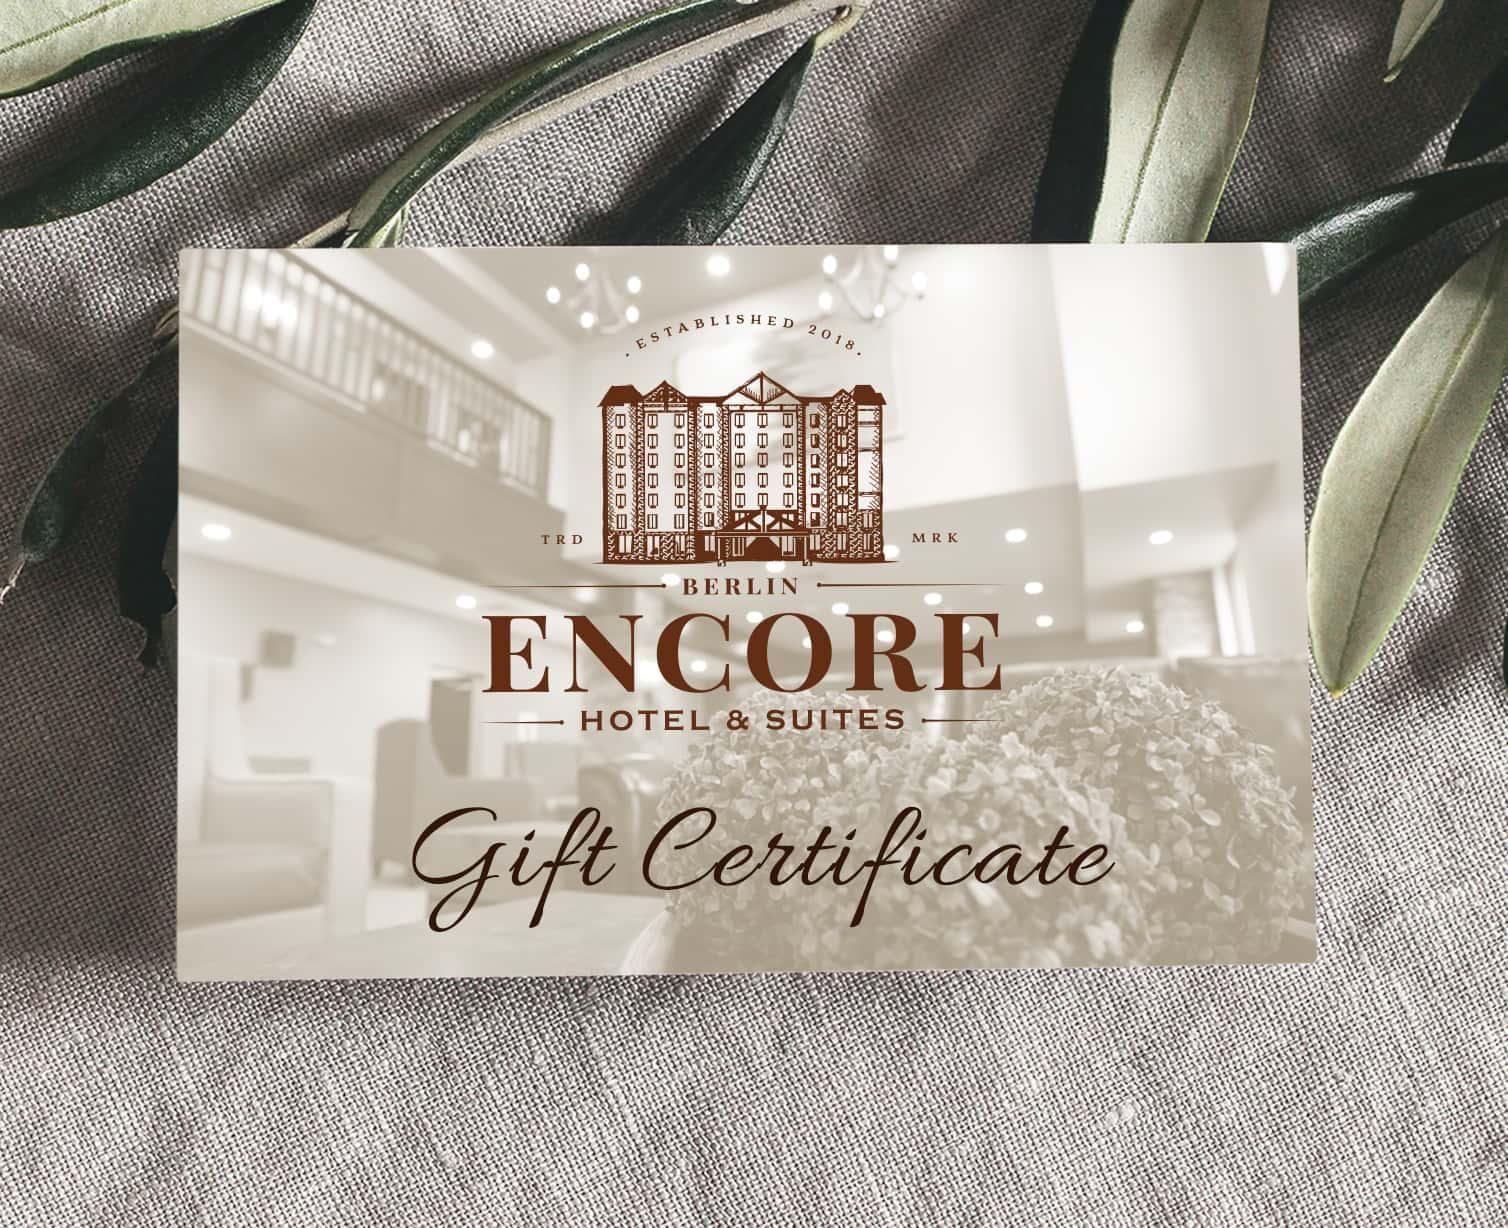 Berlin Encore Hotel Gift Certificate